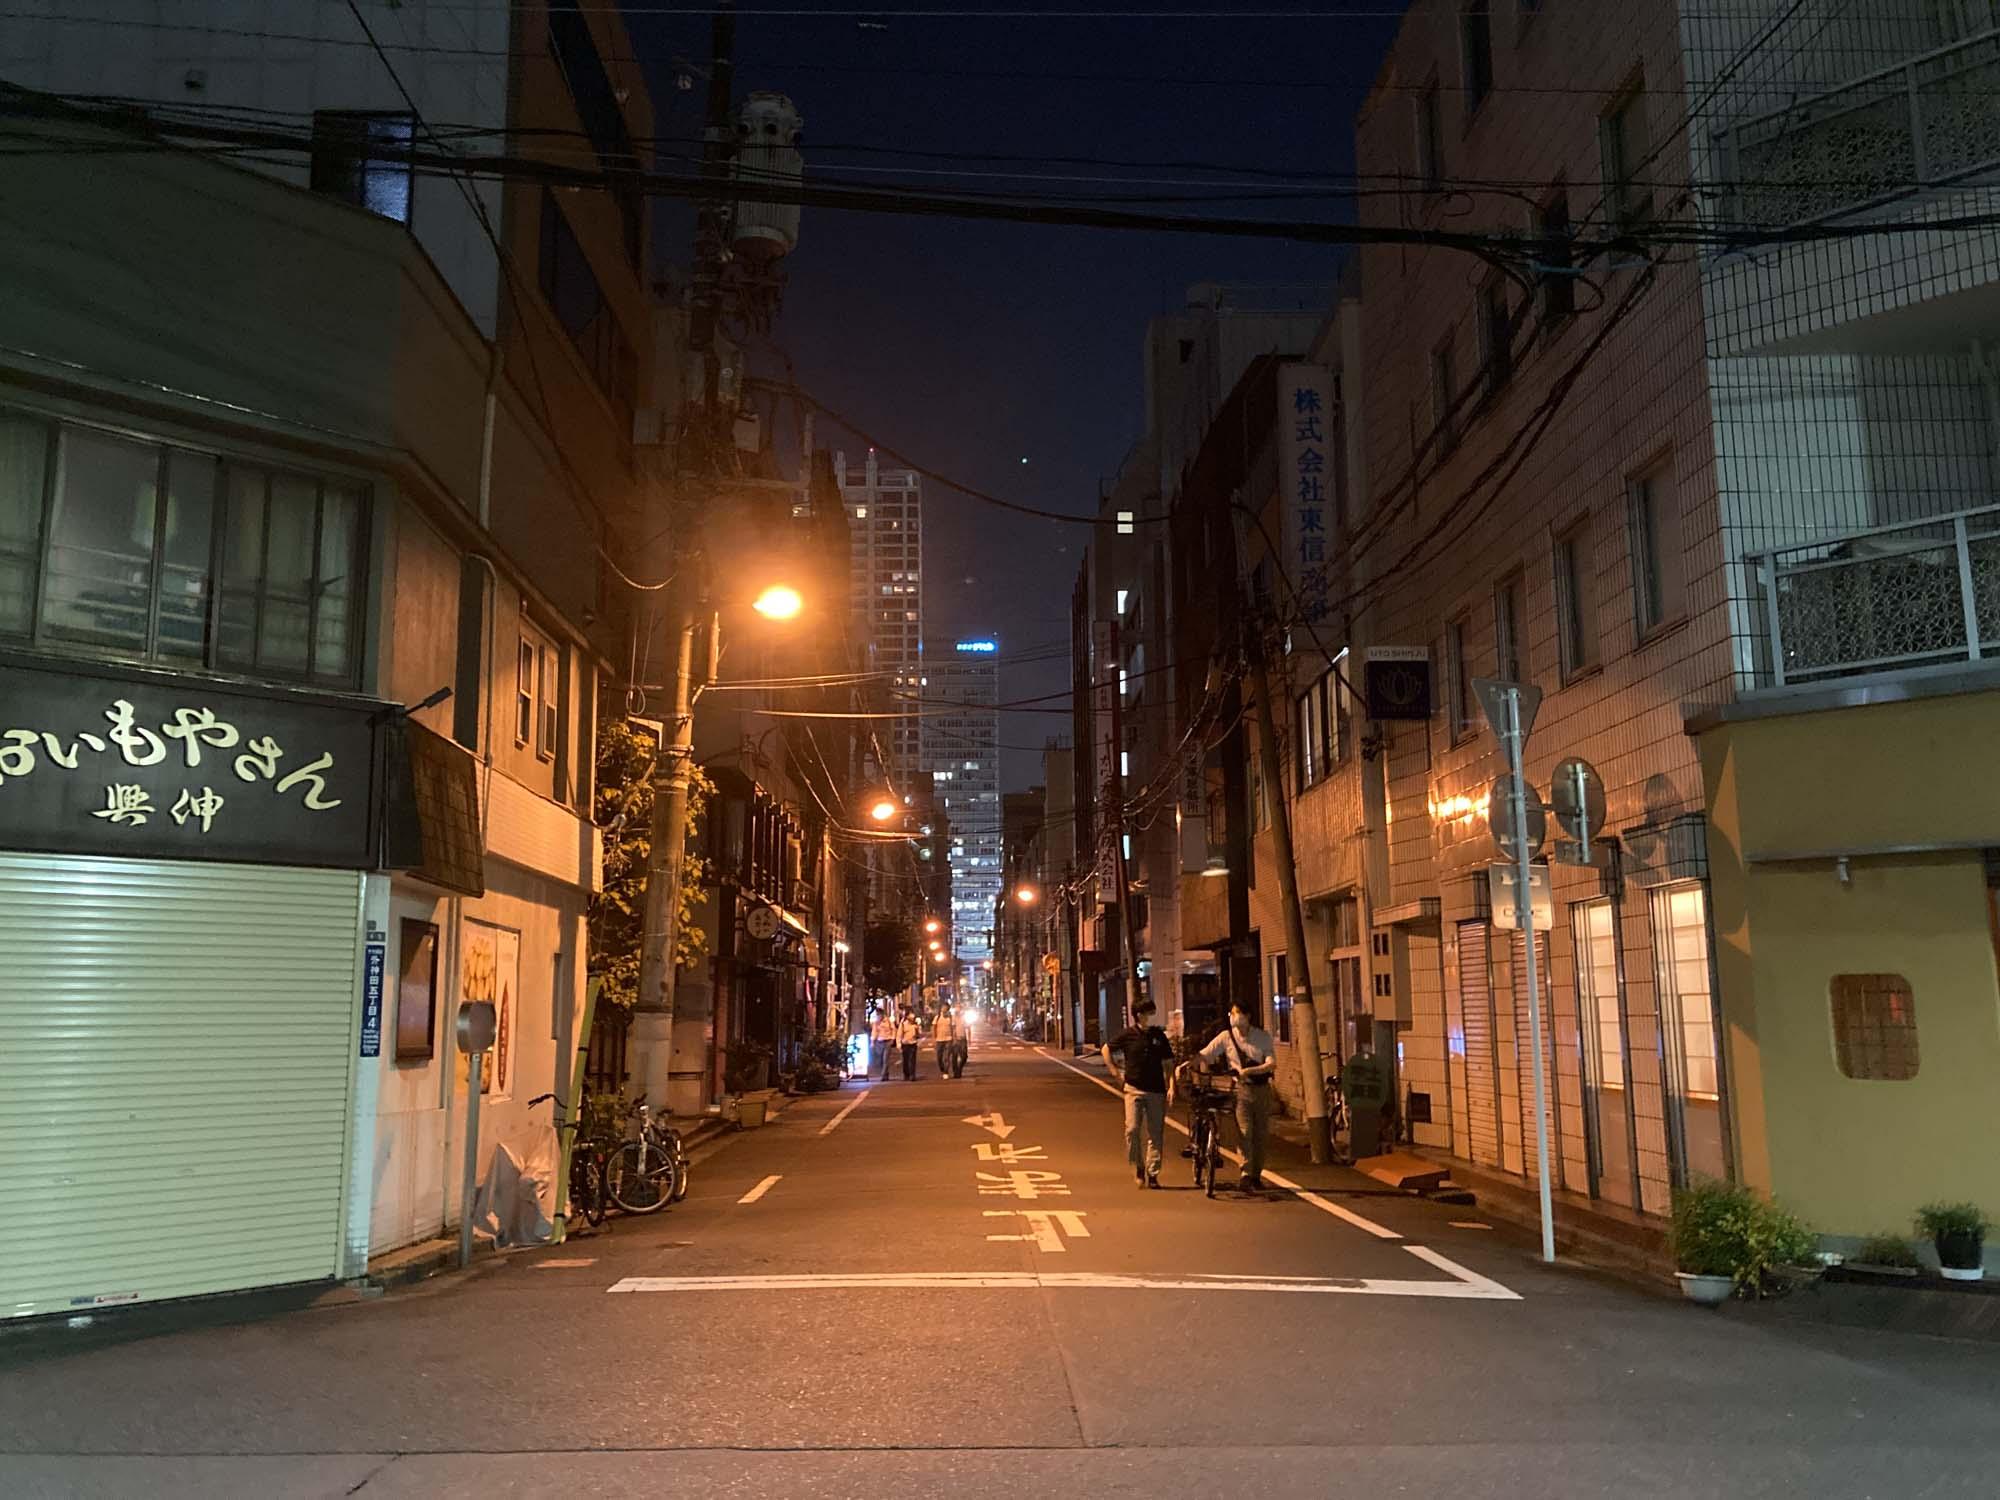 末広町方面に向かうとオフィス街で、さらに落ち着いた雰囲気の路地が続きます。隠れた名店も多いエリア。